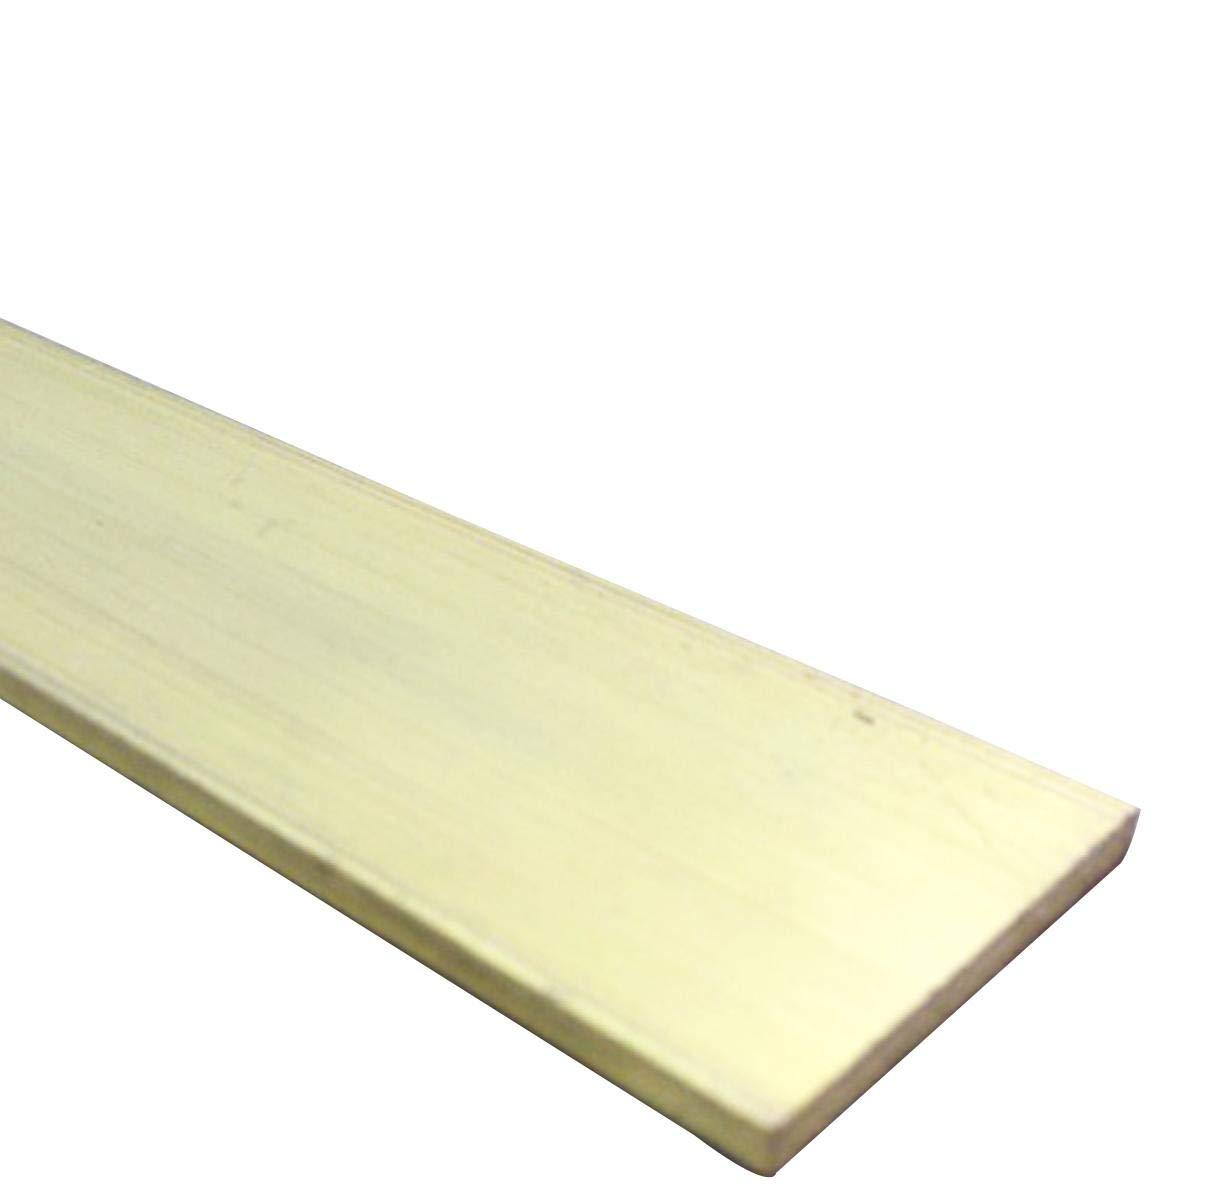 C360 Brass Flat Bar Sheet 4mm x 20mm x 250mm